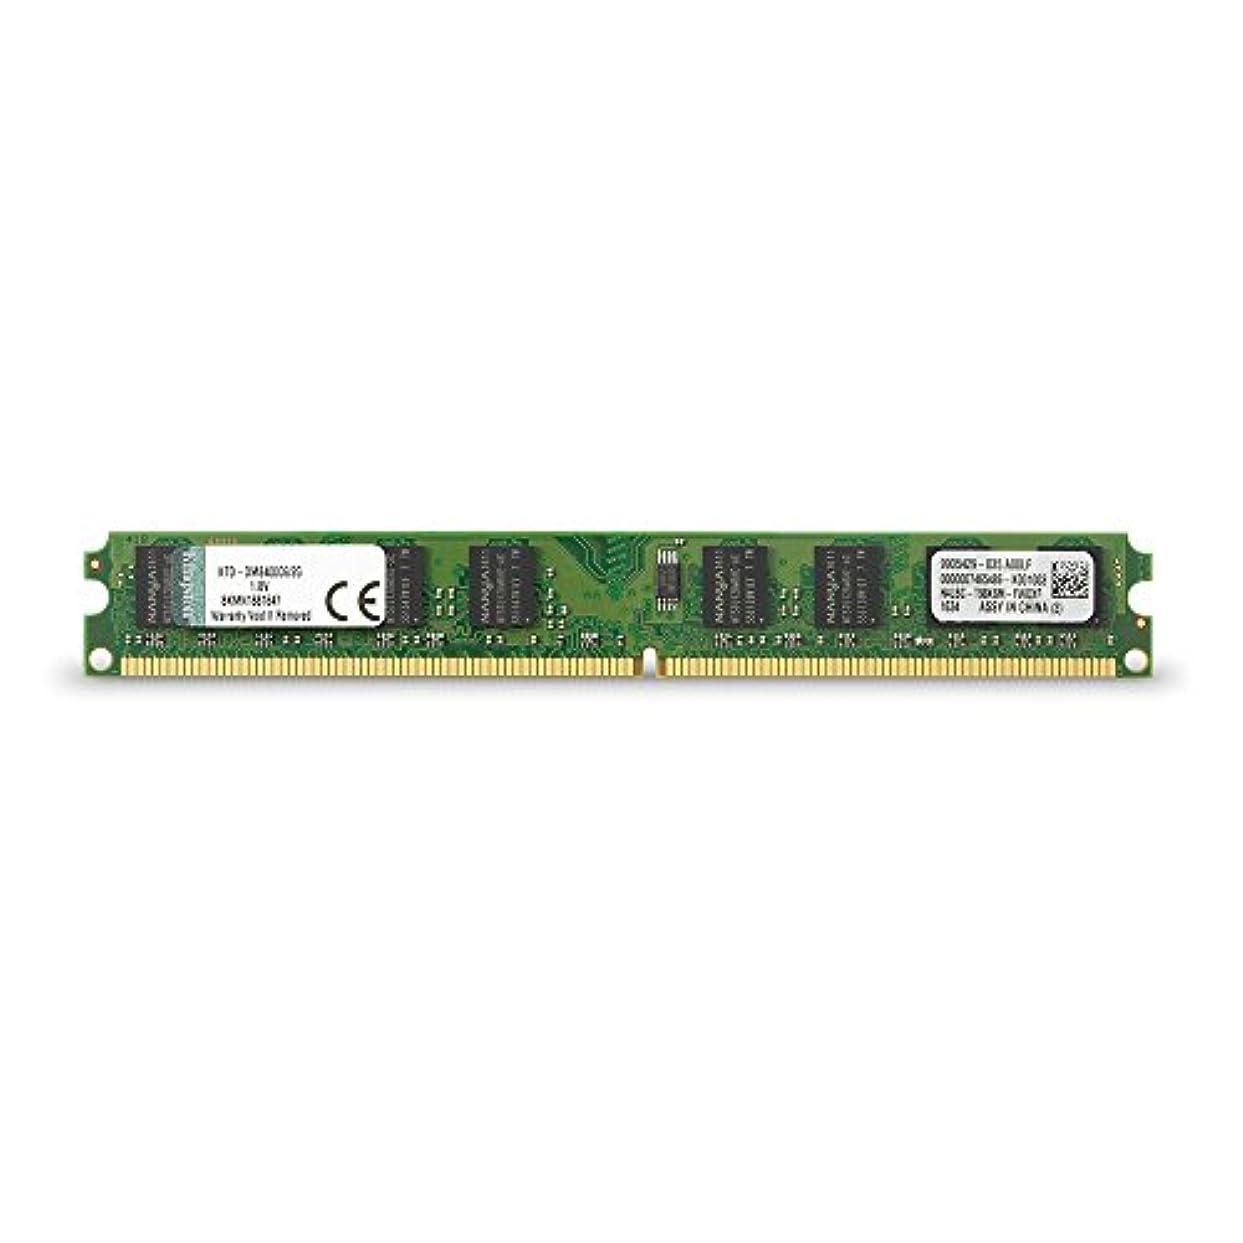 驚いたことにバスケットボールワーディアンケースキングストン Kingston メモリー 800MHz 2GB CL6 Module KTD-DM8400C6/2G 永久保証